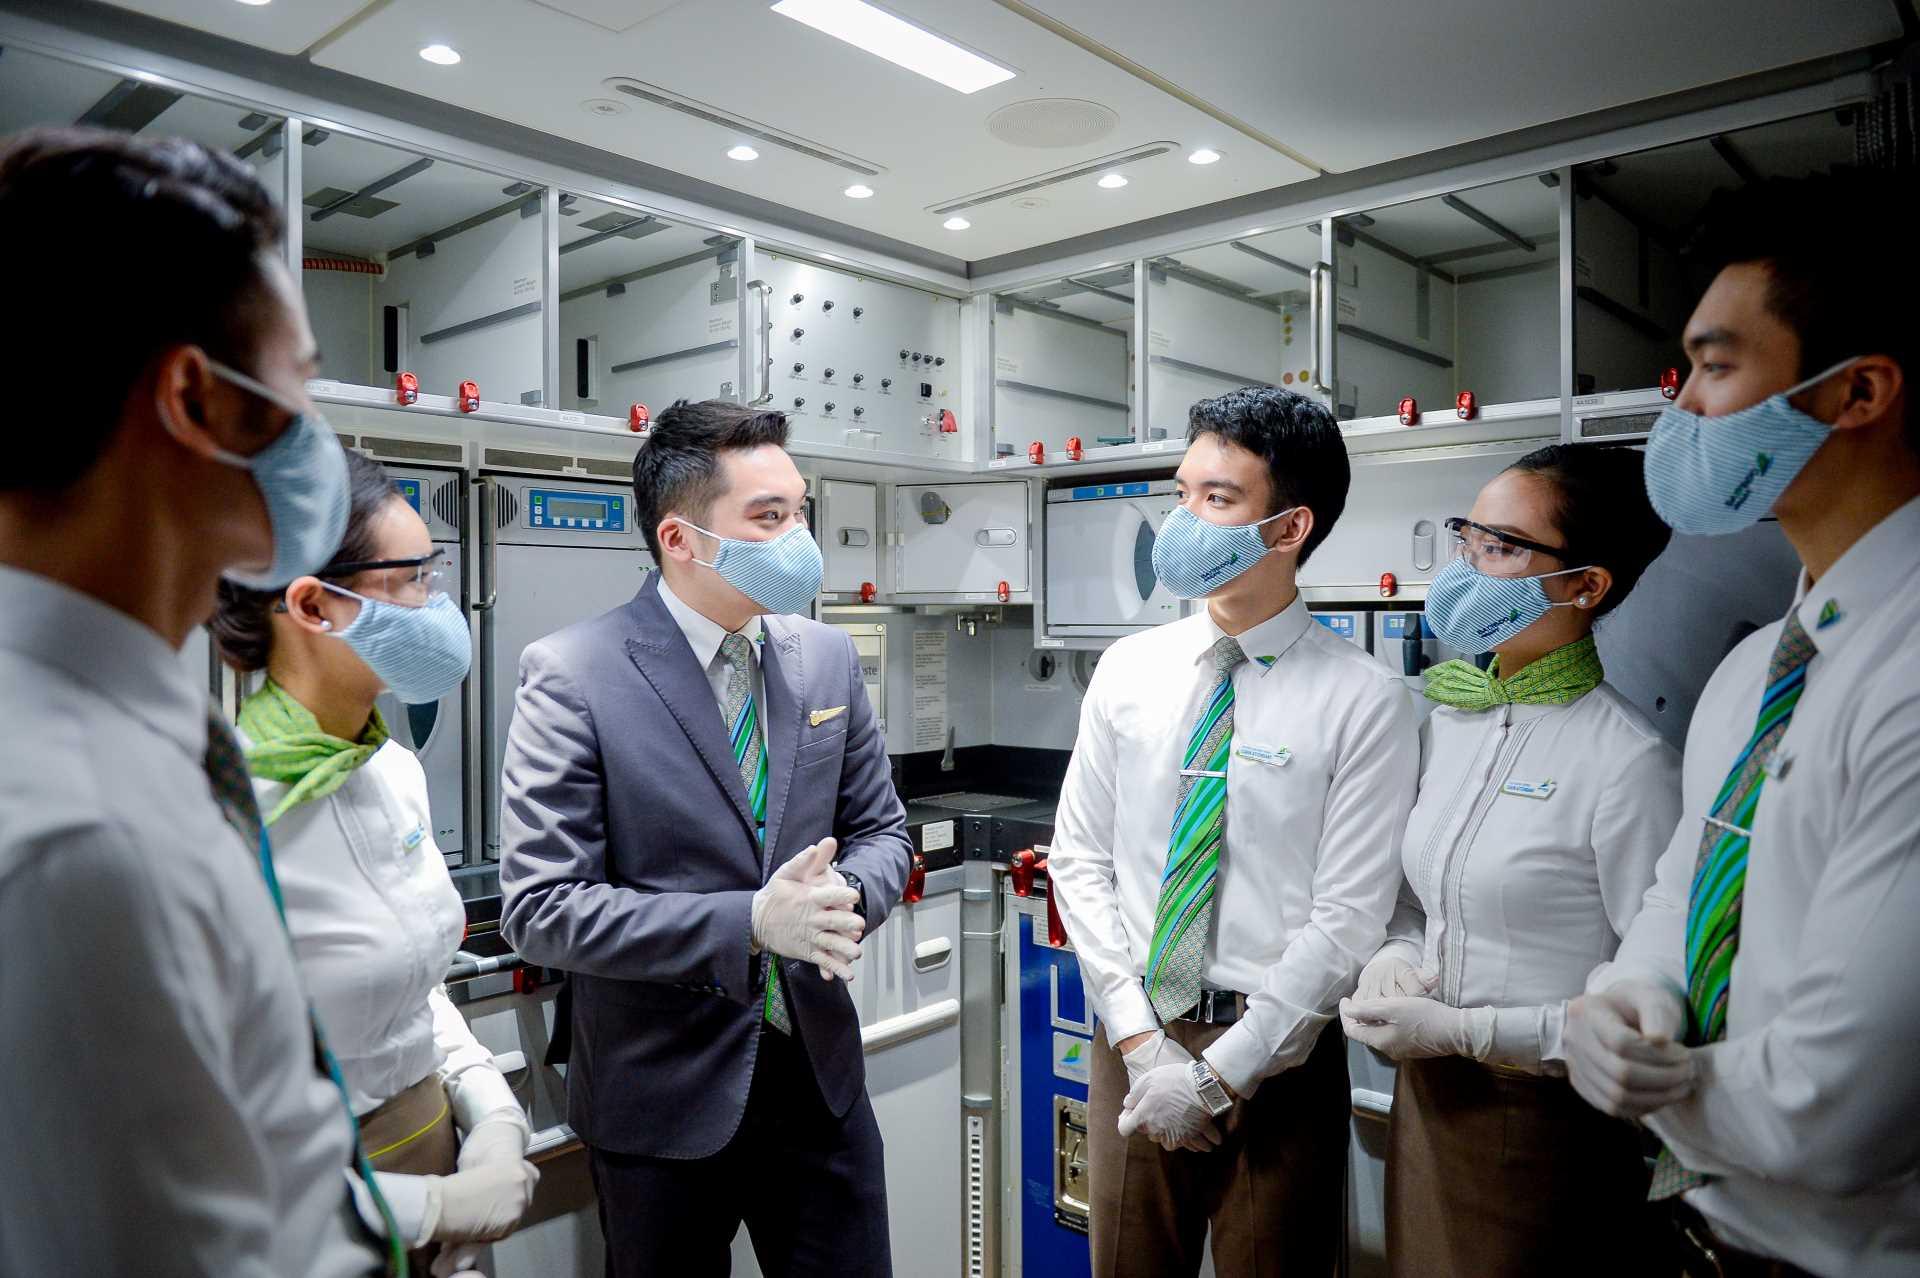 Bamboo Airways luôn tuân thủ chặt chẽ các quy định và hướng dẫn về phòng chống dịch của các cơ quan chức năng